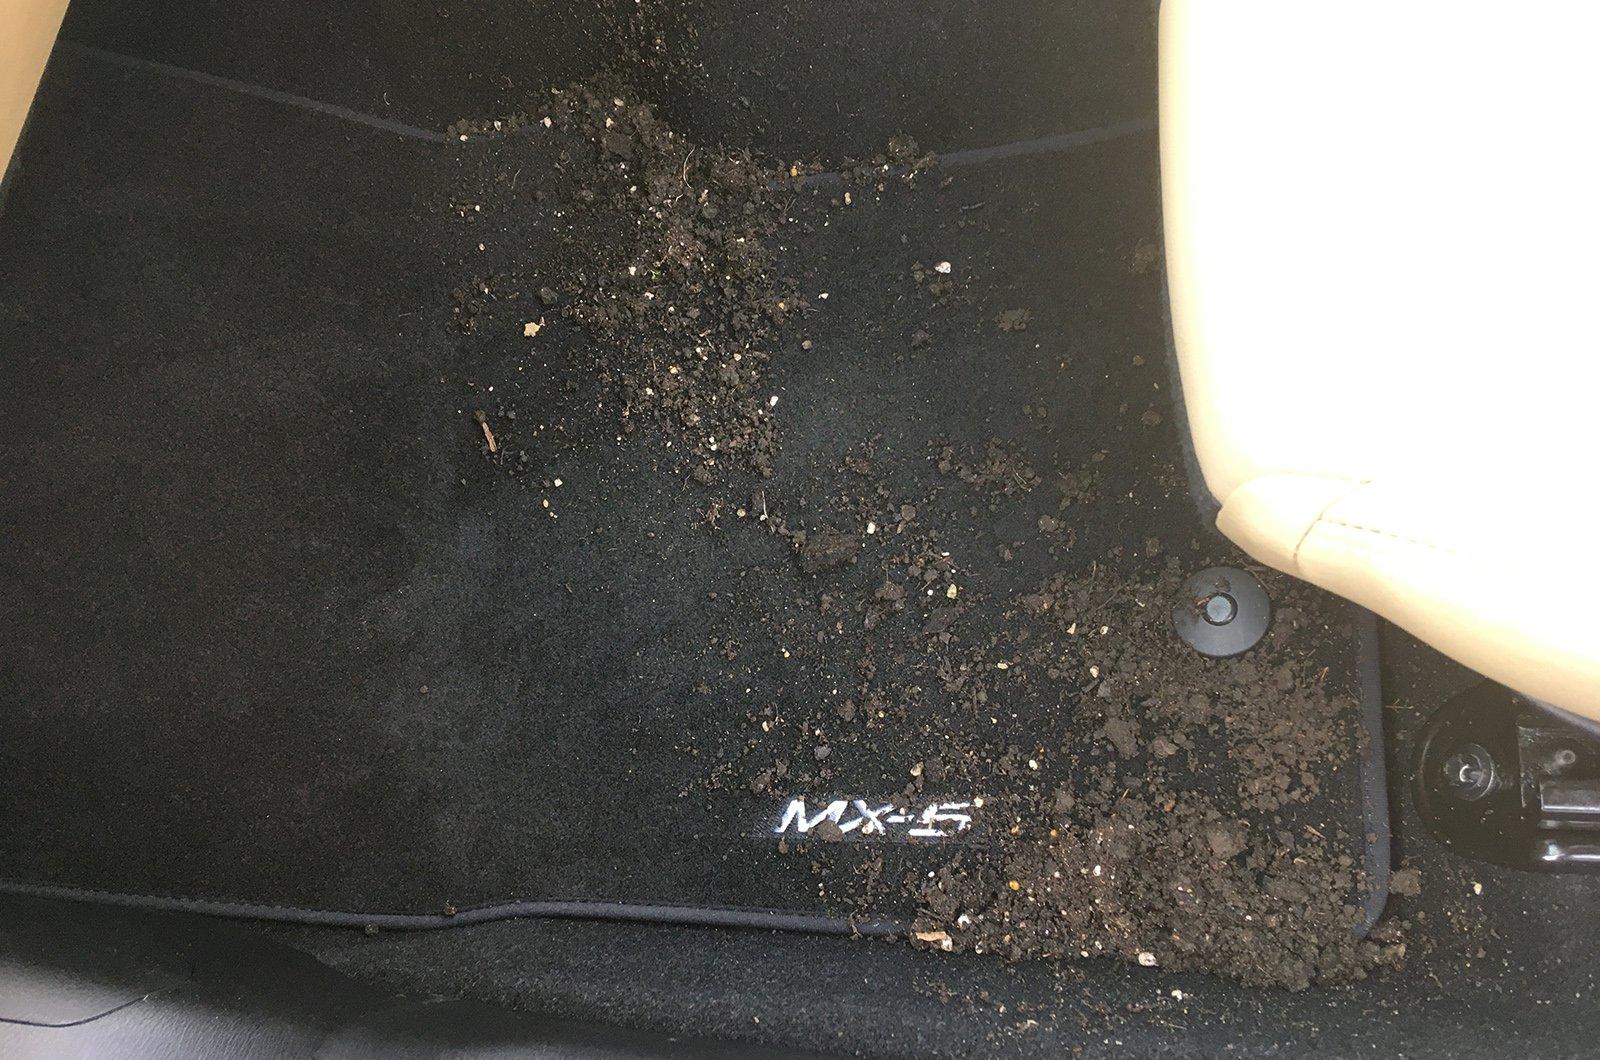 Used Mazda MX-5 lightly soiled